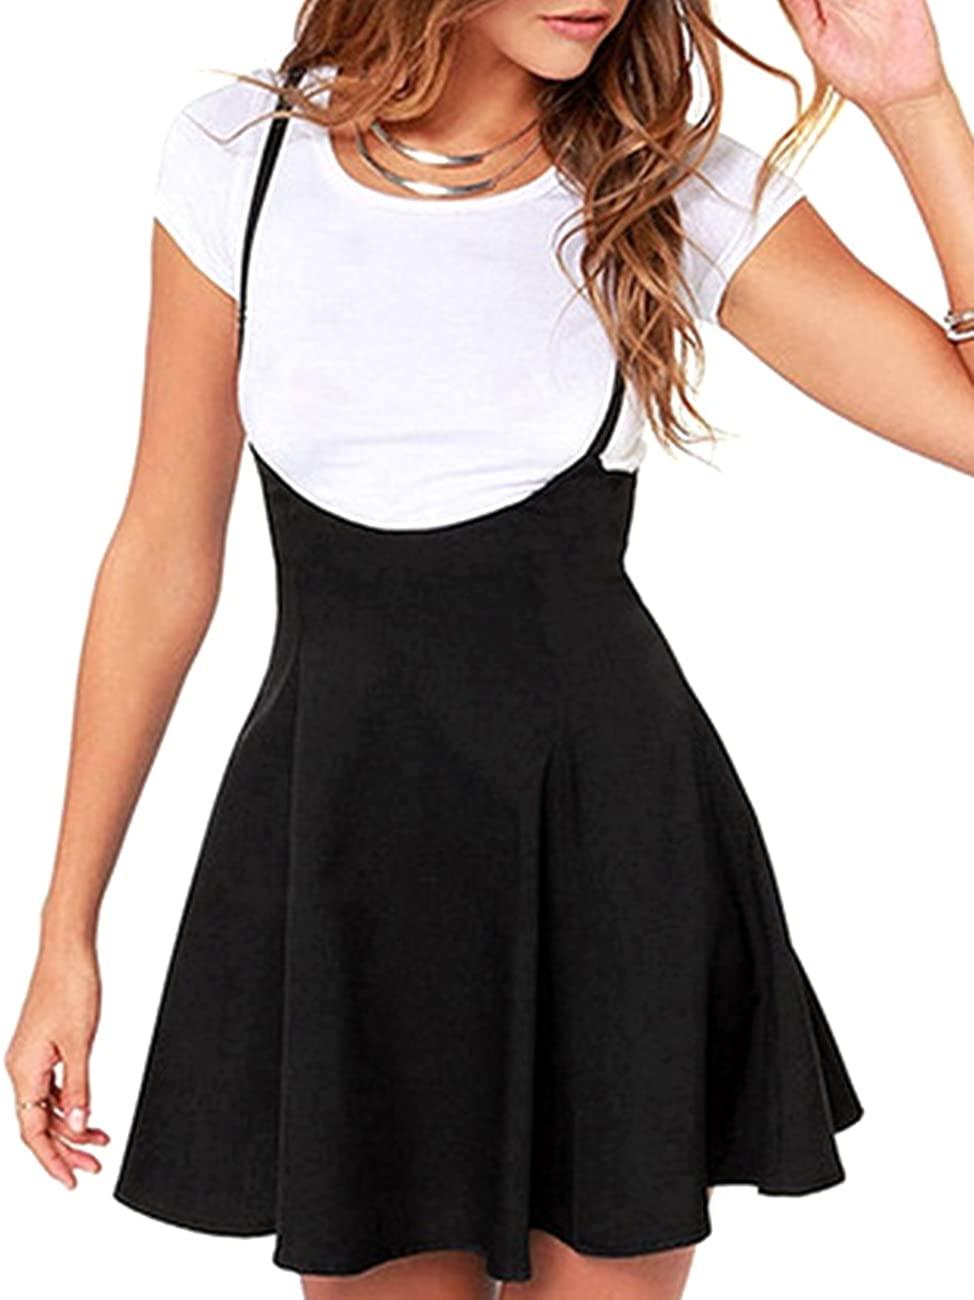 Women's Suspender Braces Casual Skirt Dress Basic High Waist Versatile Flare Skater Shoulder Straps Short Skirt